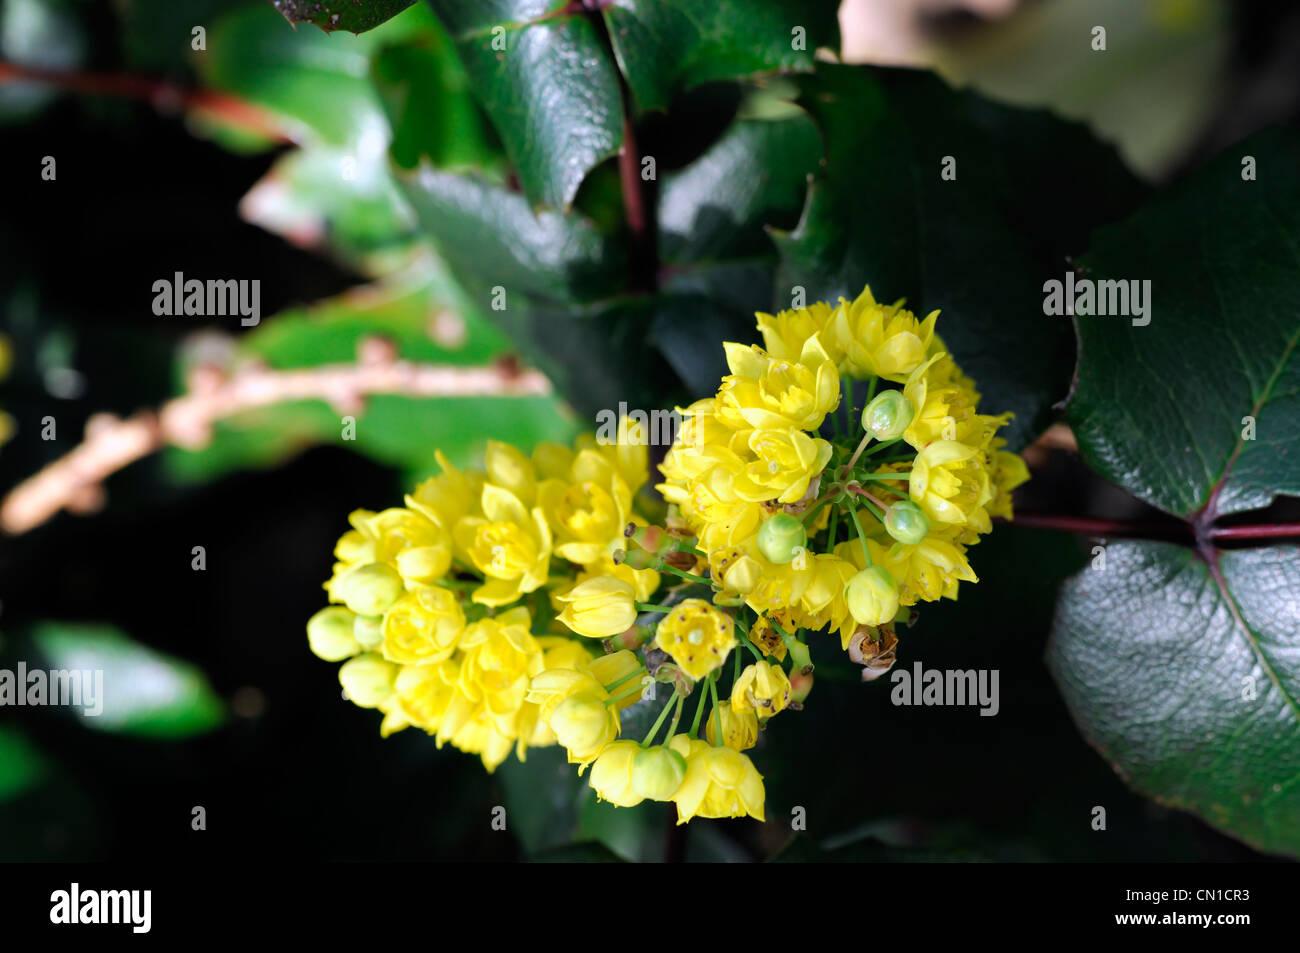 mahonia aquifolium stockfotos mahonia aquifolium bilder. Black Bedroom Furniture Sets. Home Design Ideas